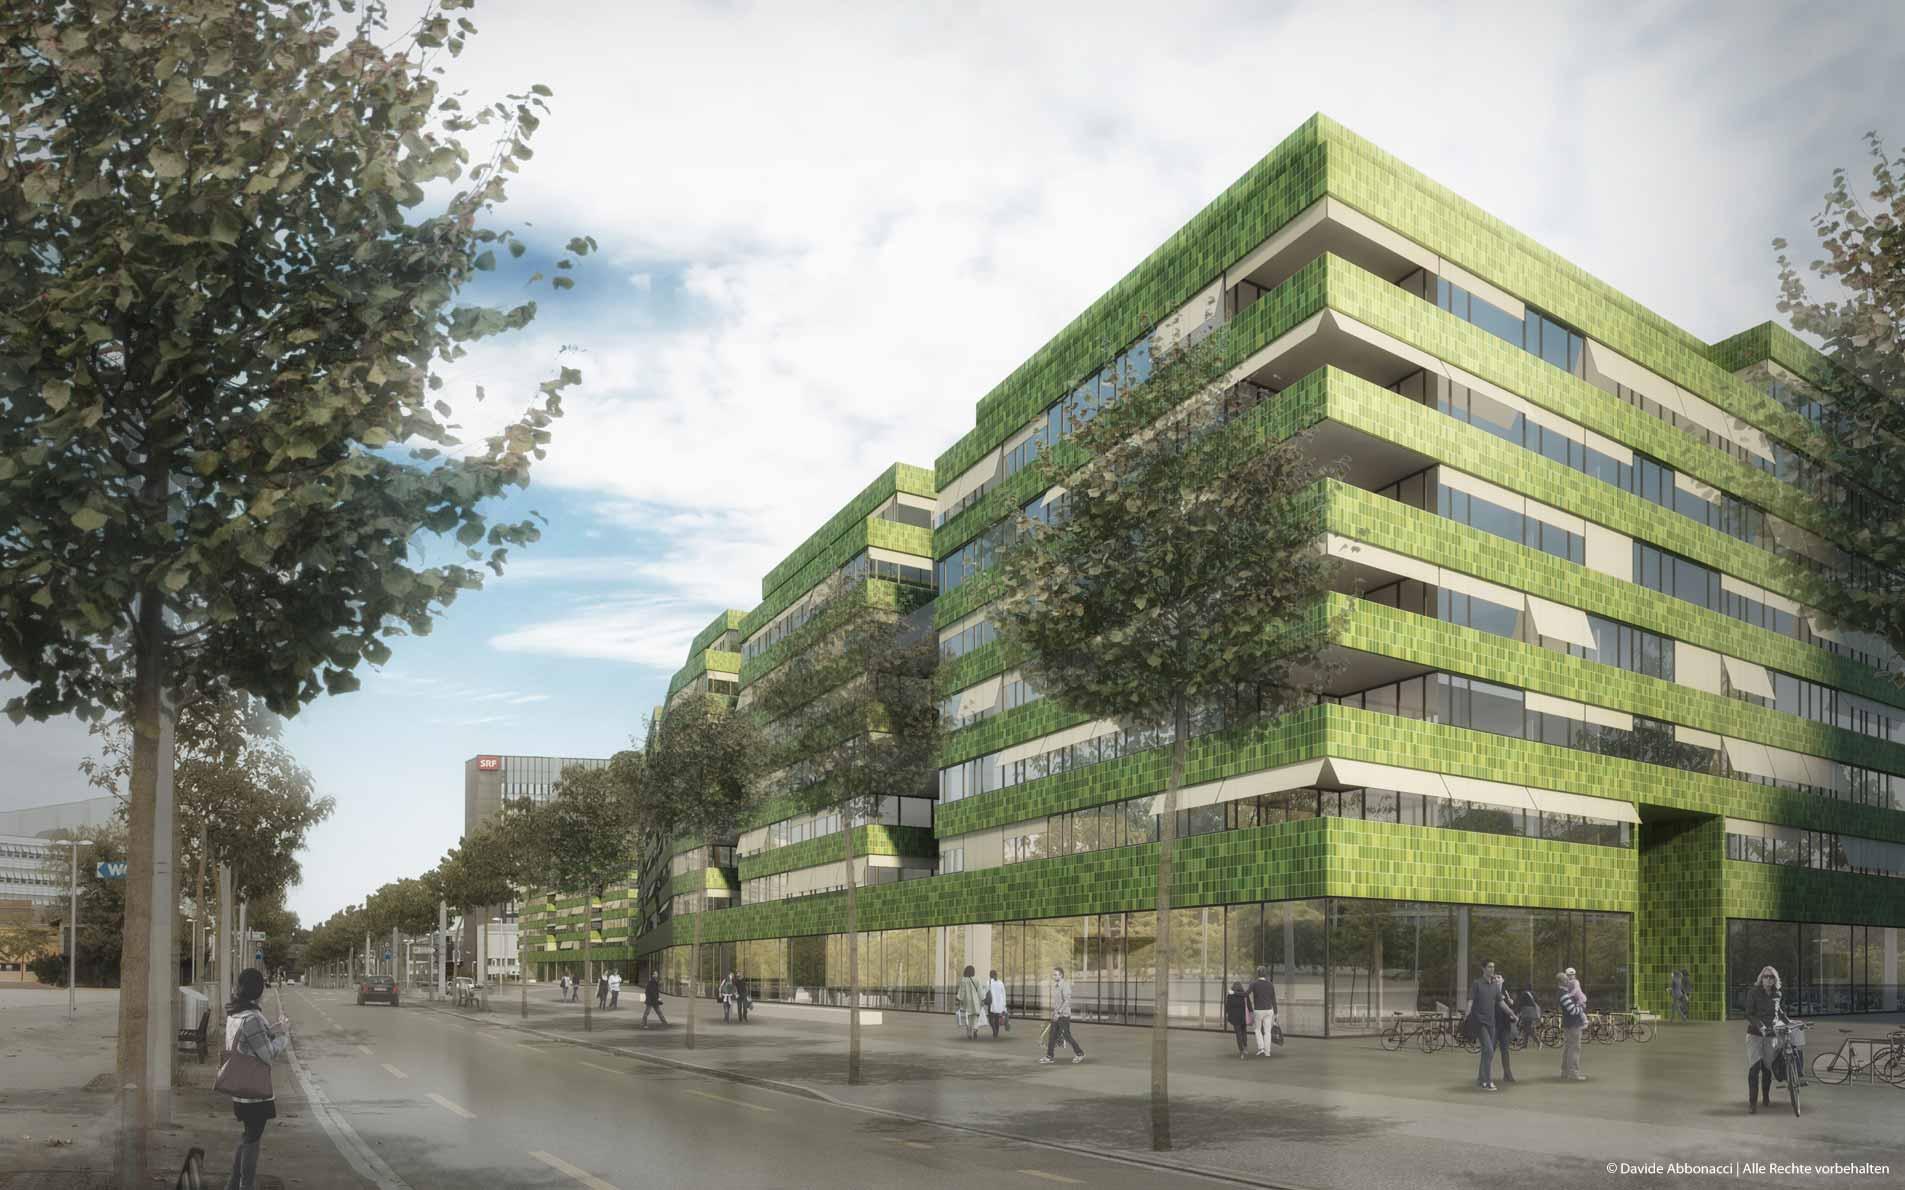 Wohnen in Leuchtenbach-Mitte, Zürich - Schweiz | Kuehn Malvezzi Architekten | 2014 Wettbewerbsvisualisierung